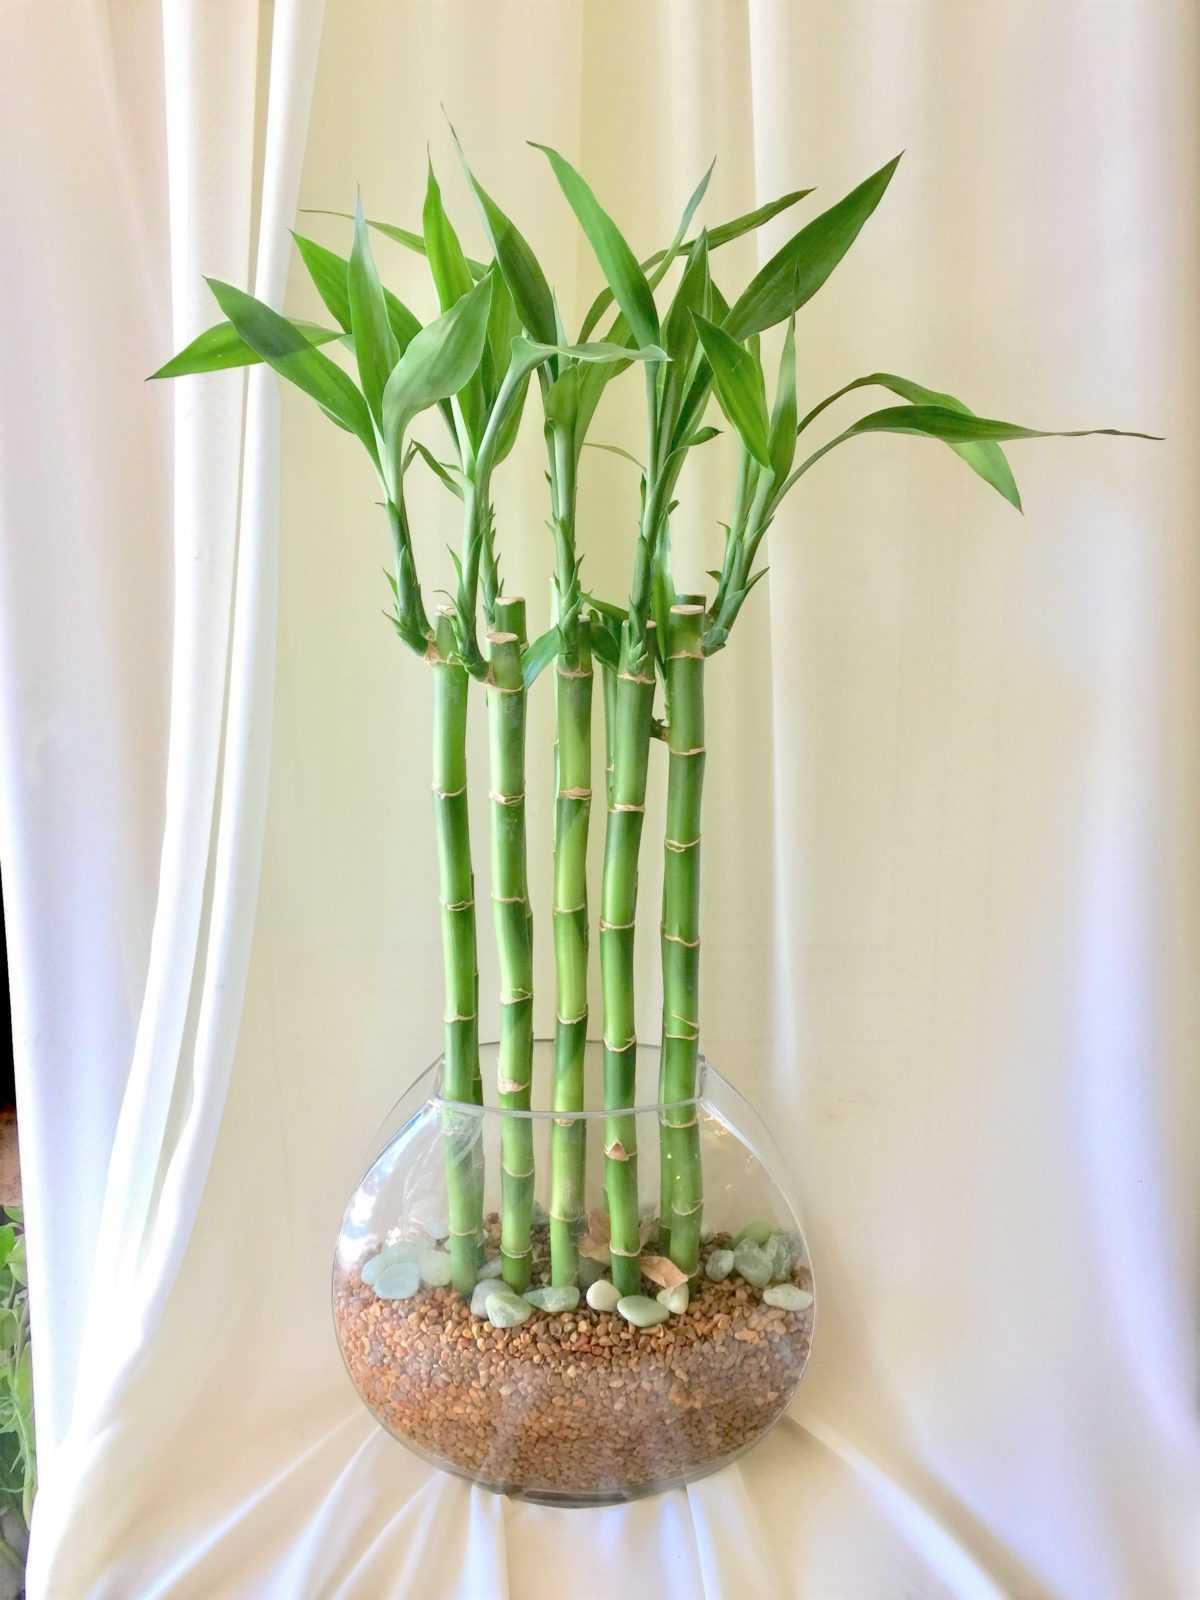 kak-vyrastit-komnatnyj-bambuk-foto-video-posadka-razmnozhenie-uhod-19